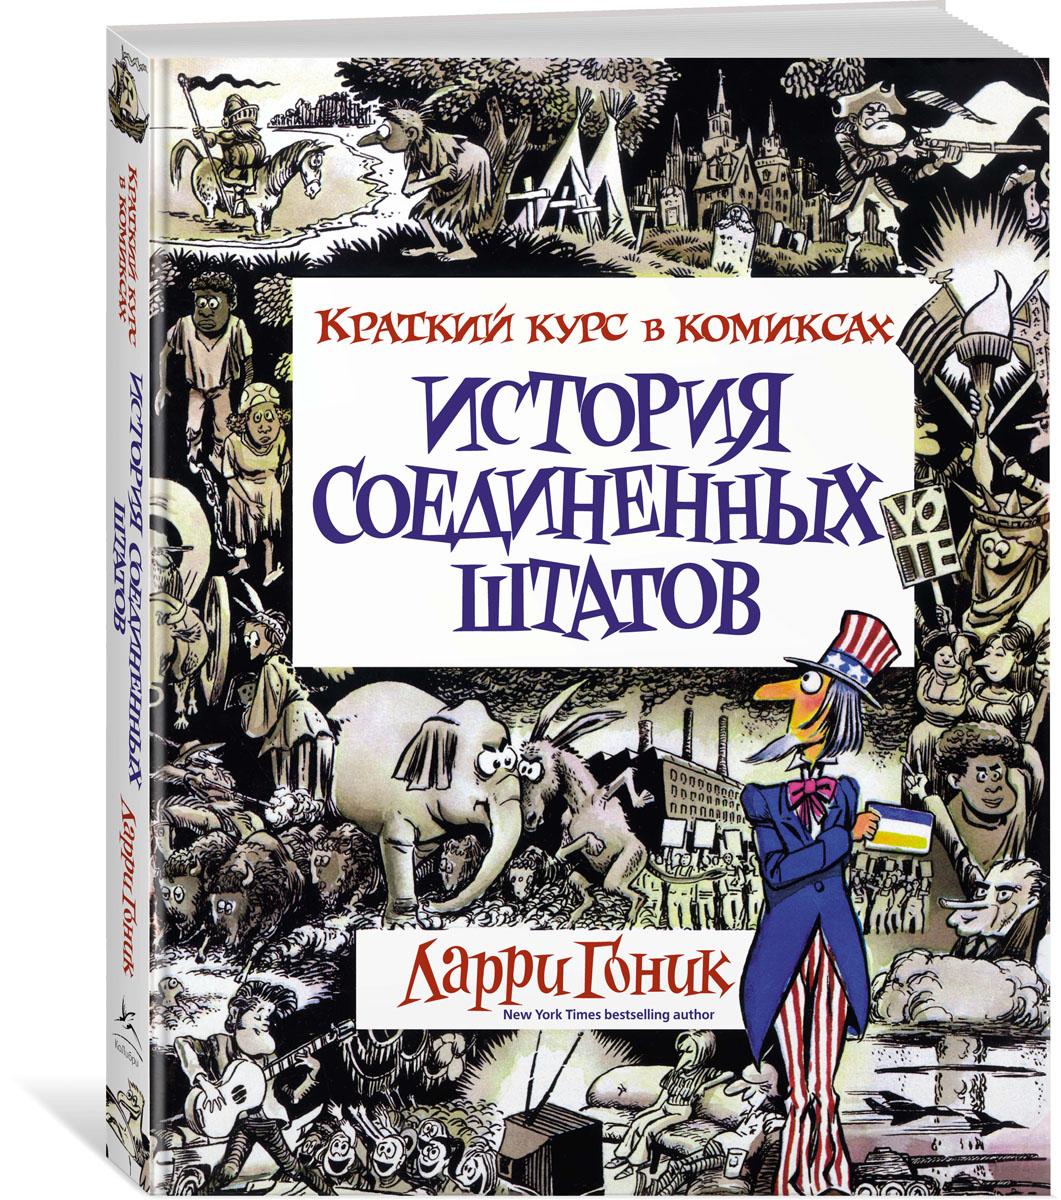 Ларри Гоник История Соединенных Штатов. Краткий курс в комиксах